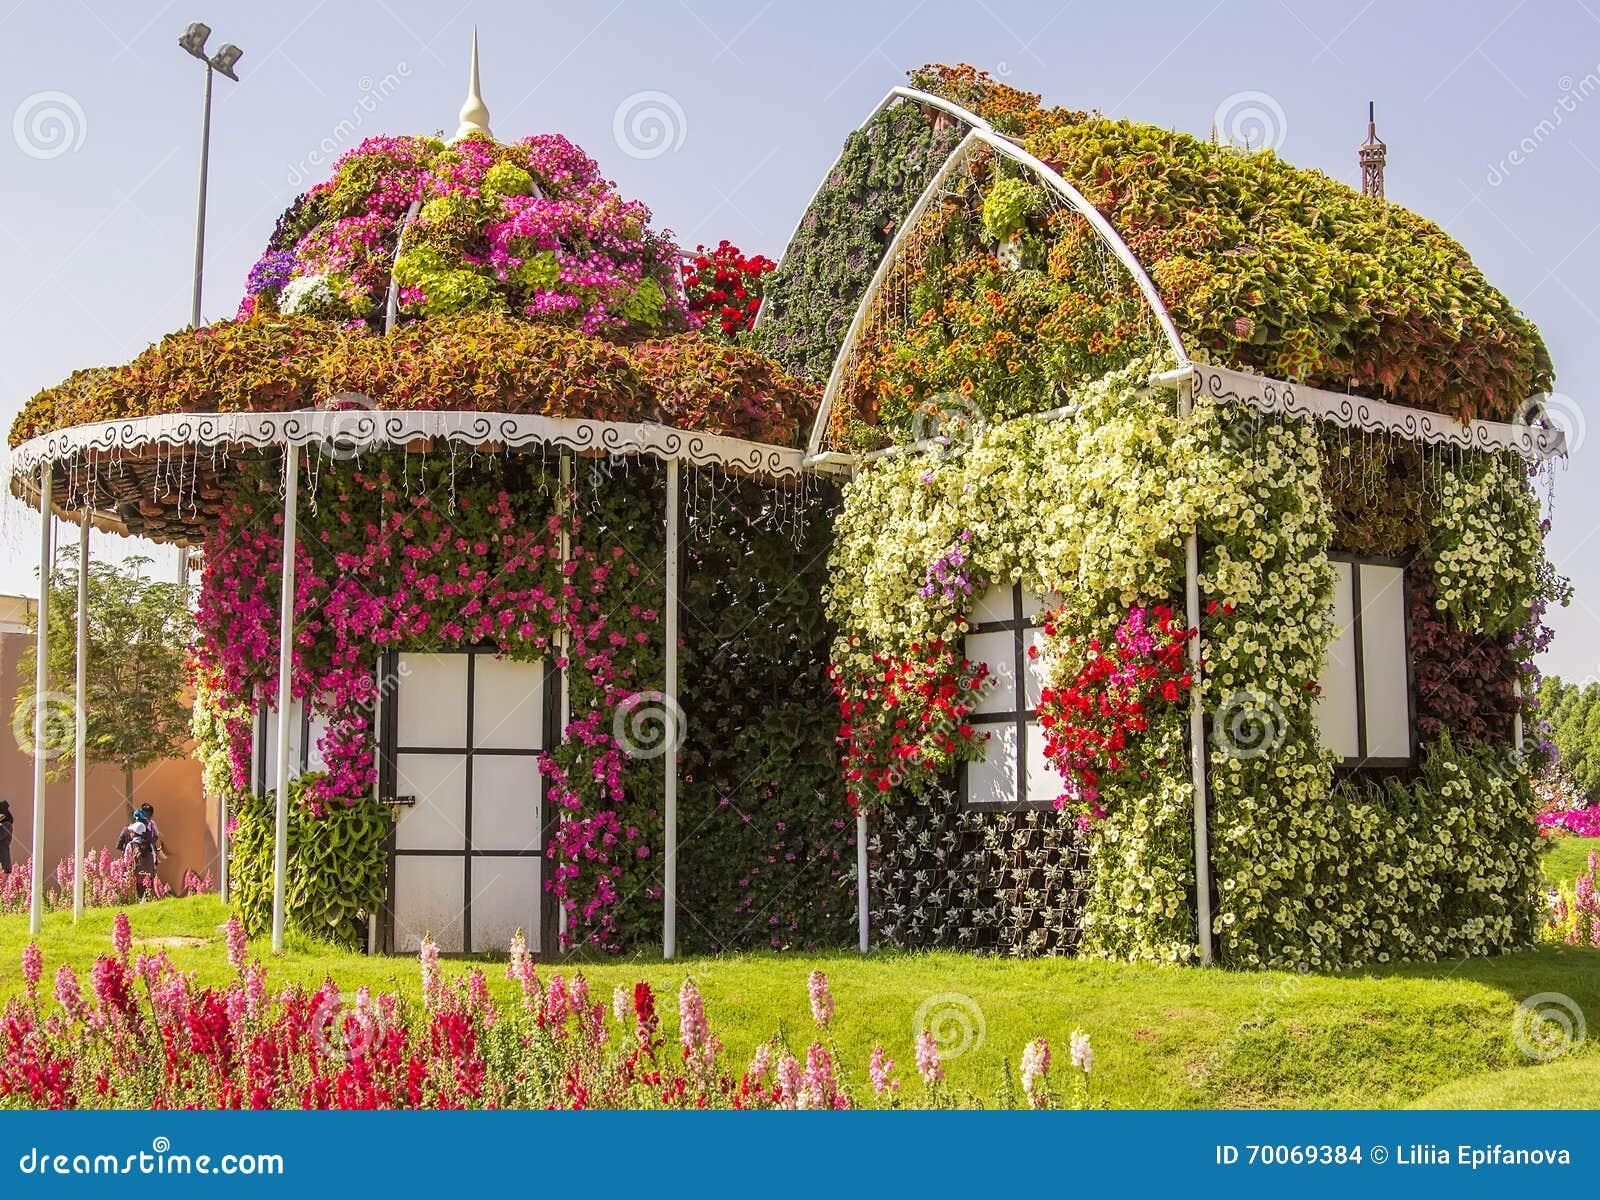 Erstaunliches Buntes Haus Von Blumen Im Wunder-Garten Stockfoto ...